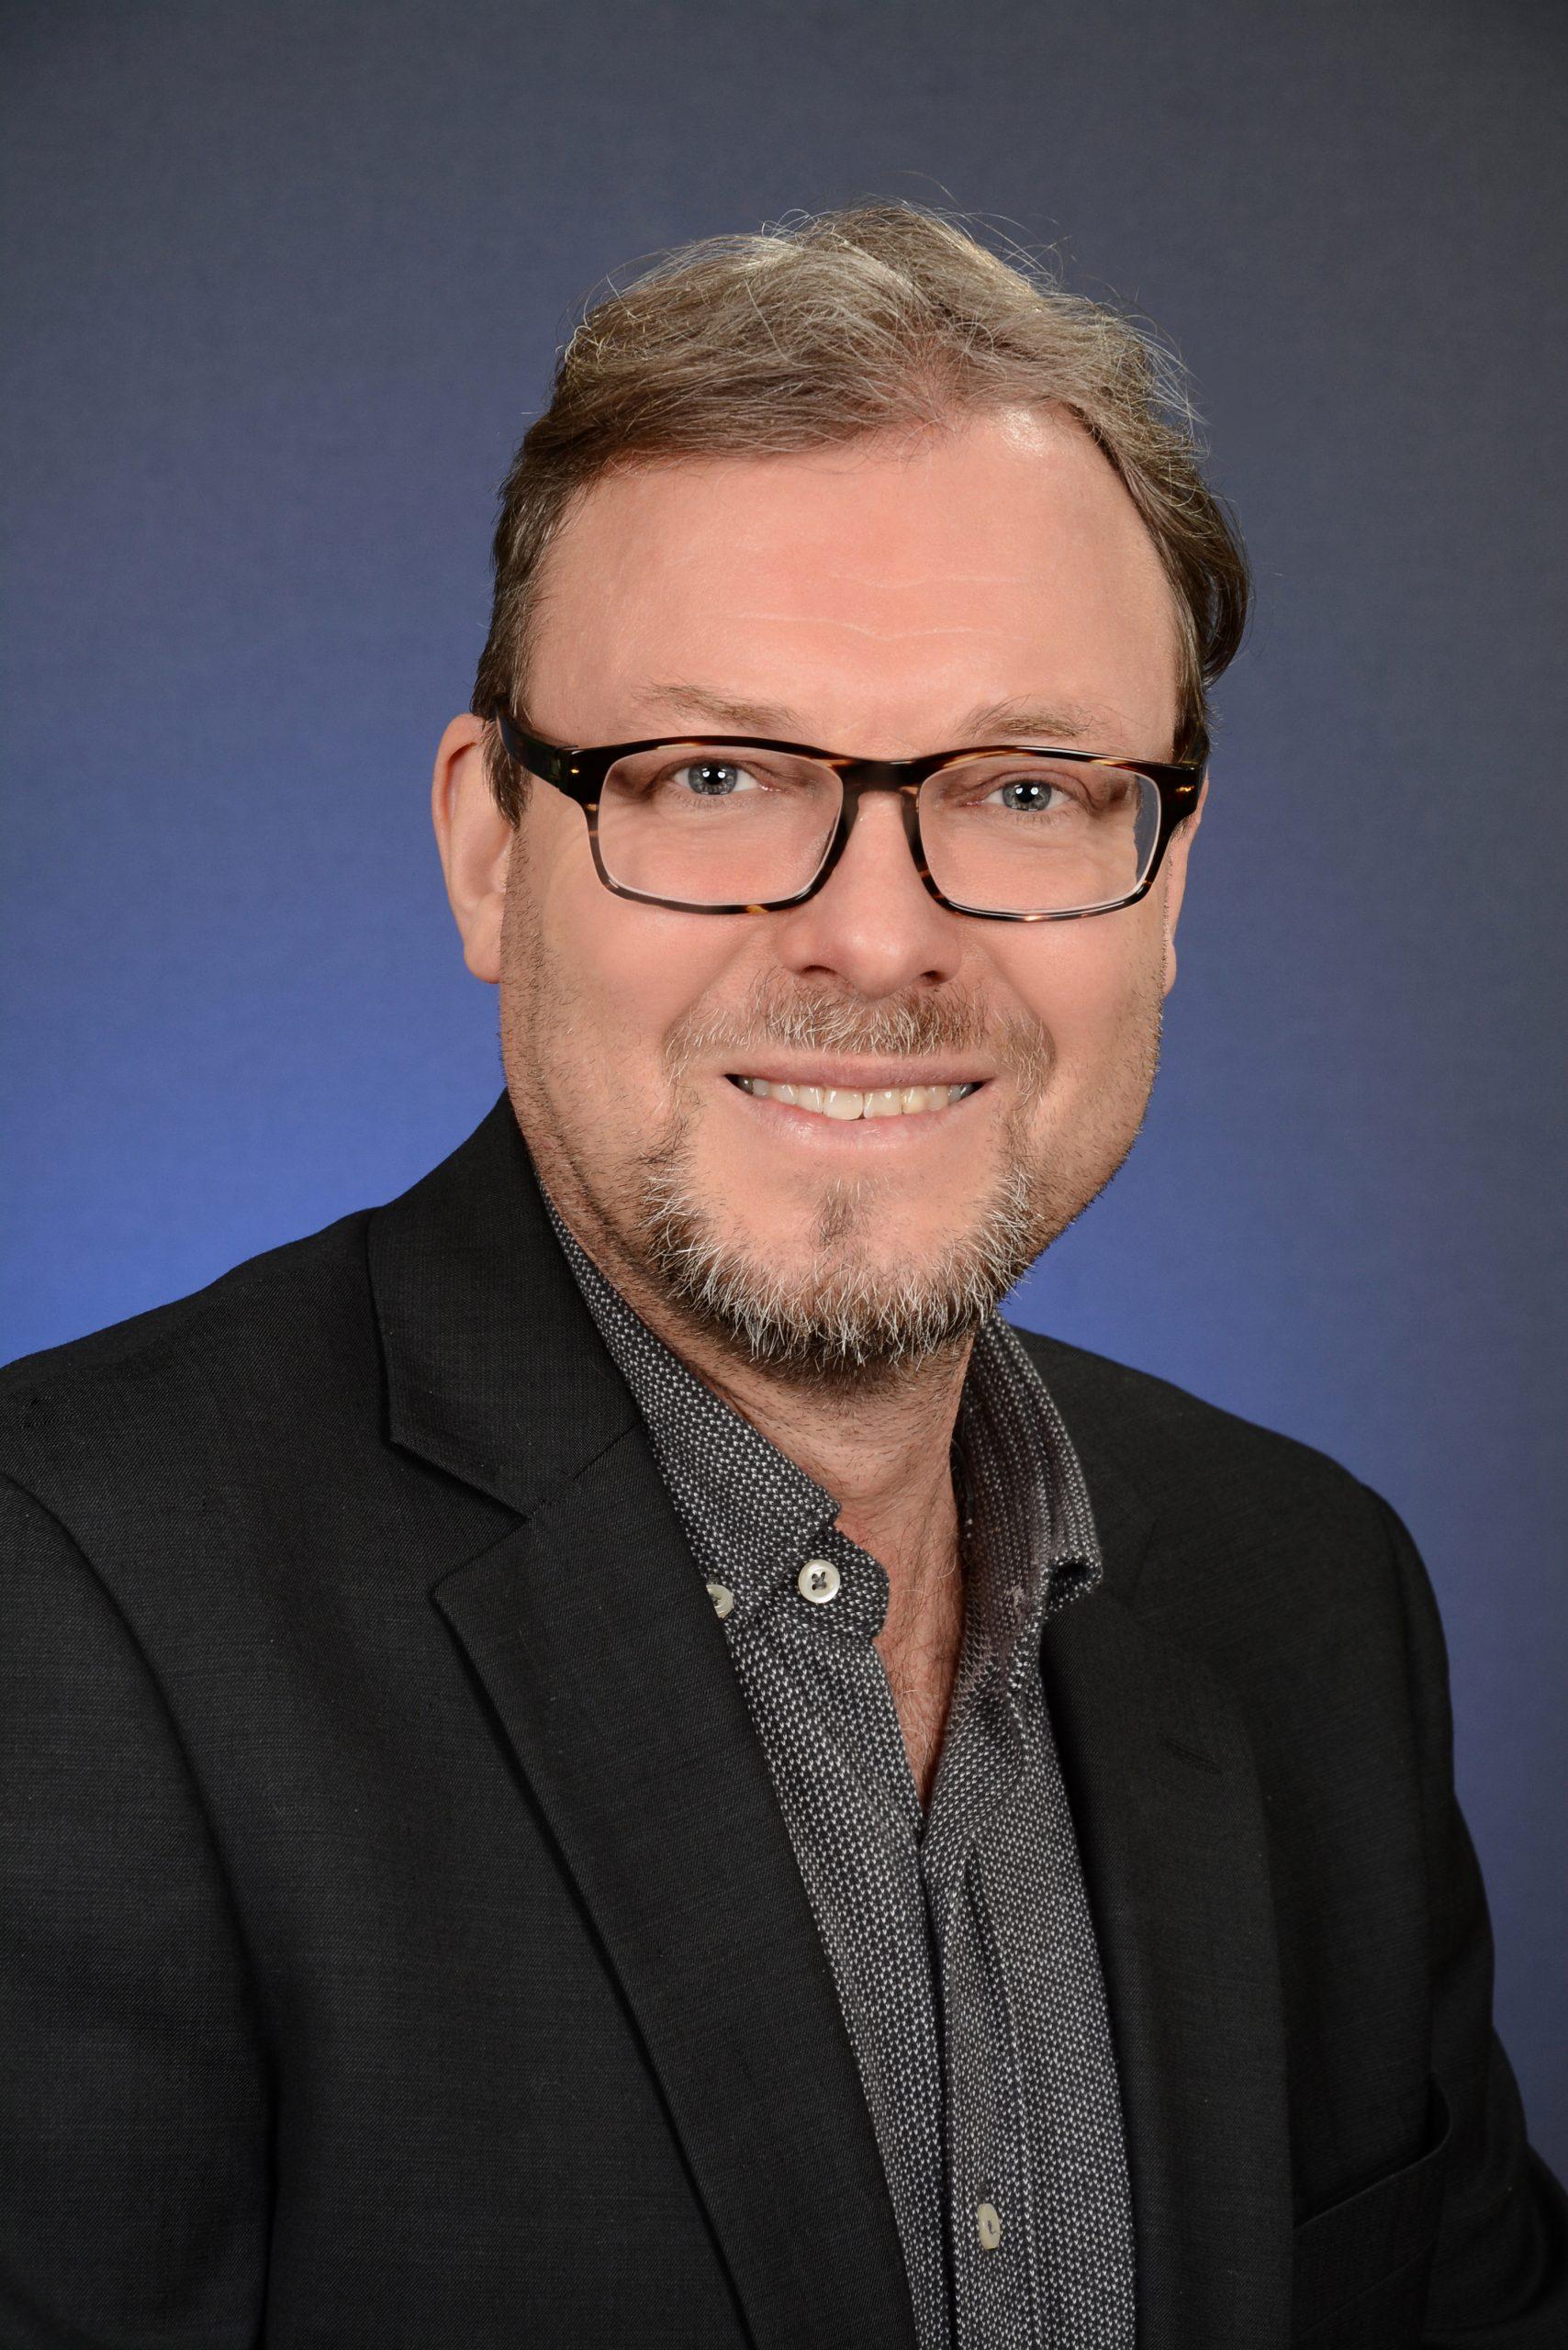 Matthias Müller-Lentrodt